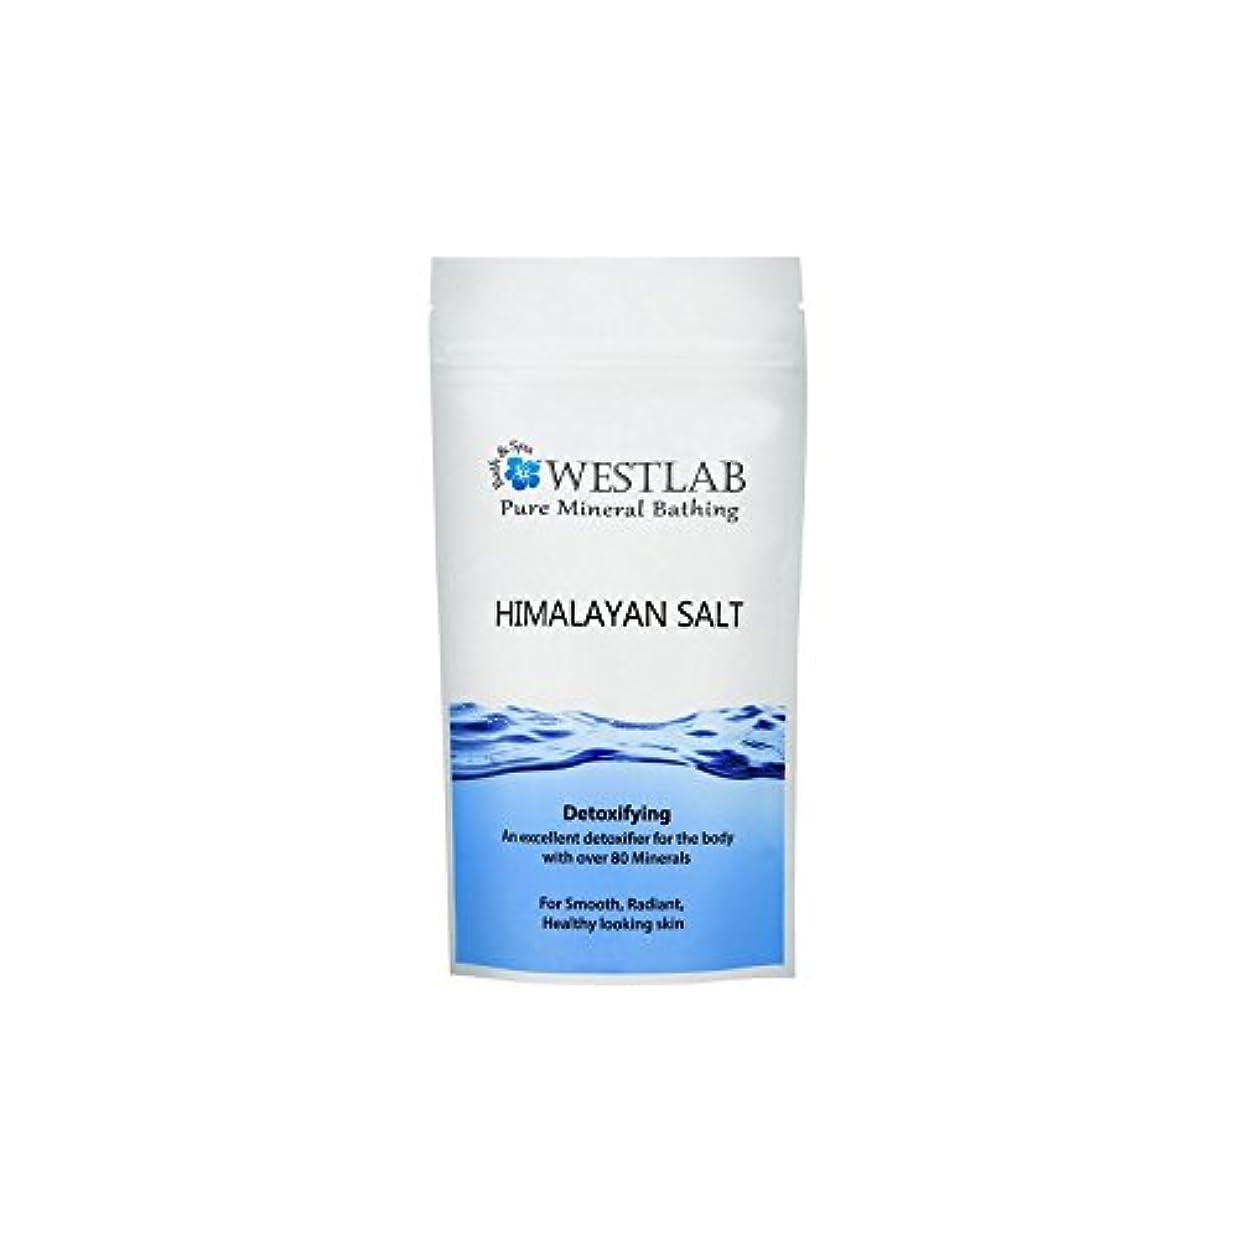 弱めるご近所殺しますヒマラヤの塩500グラム x4 - Westlab Himalayan Salt 500g (Pack of 4) [並行輸入品]